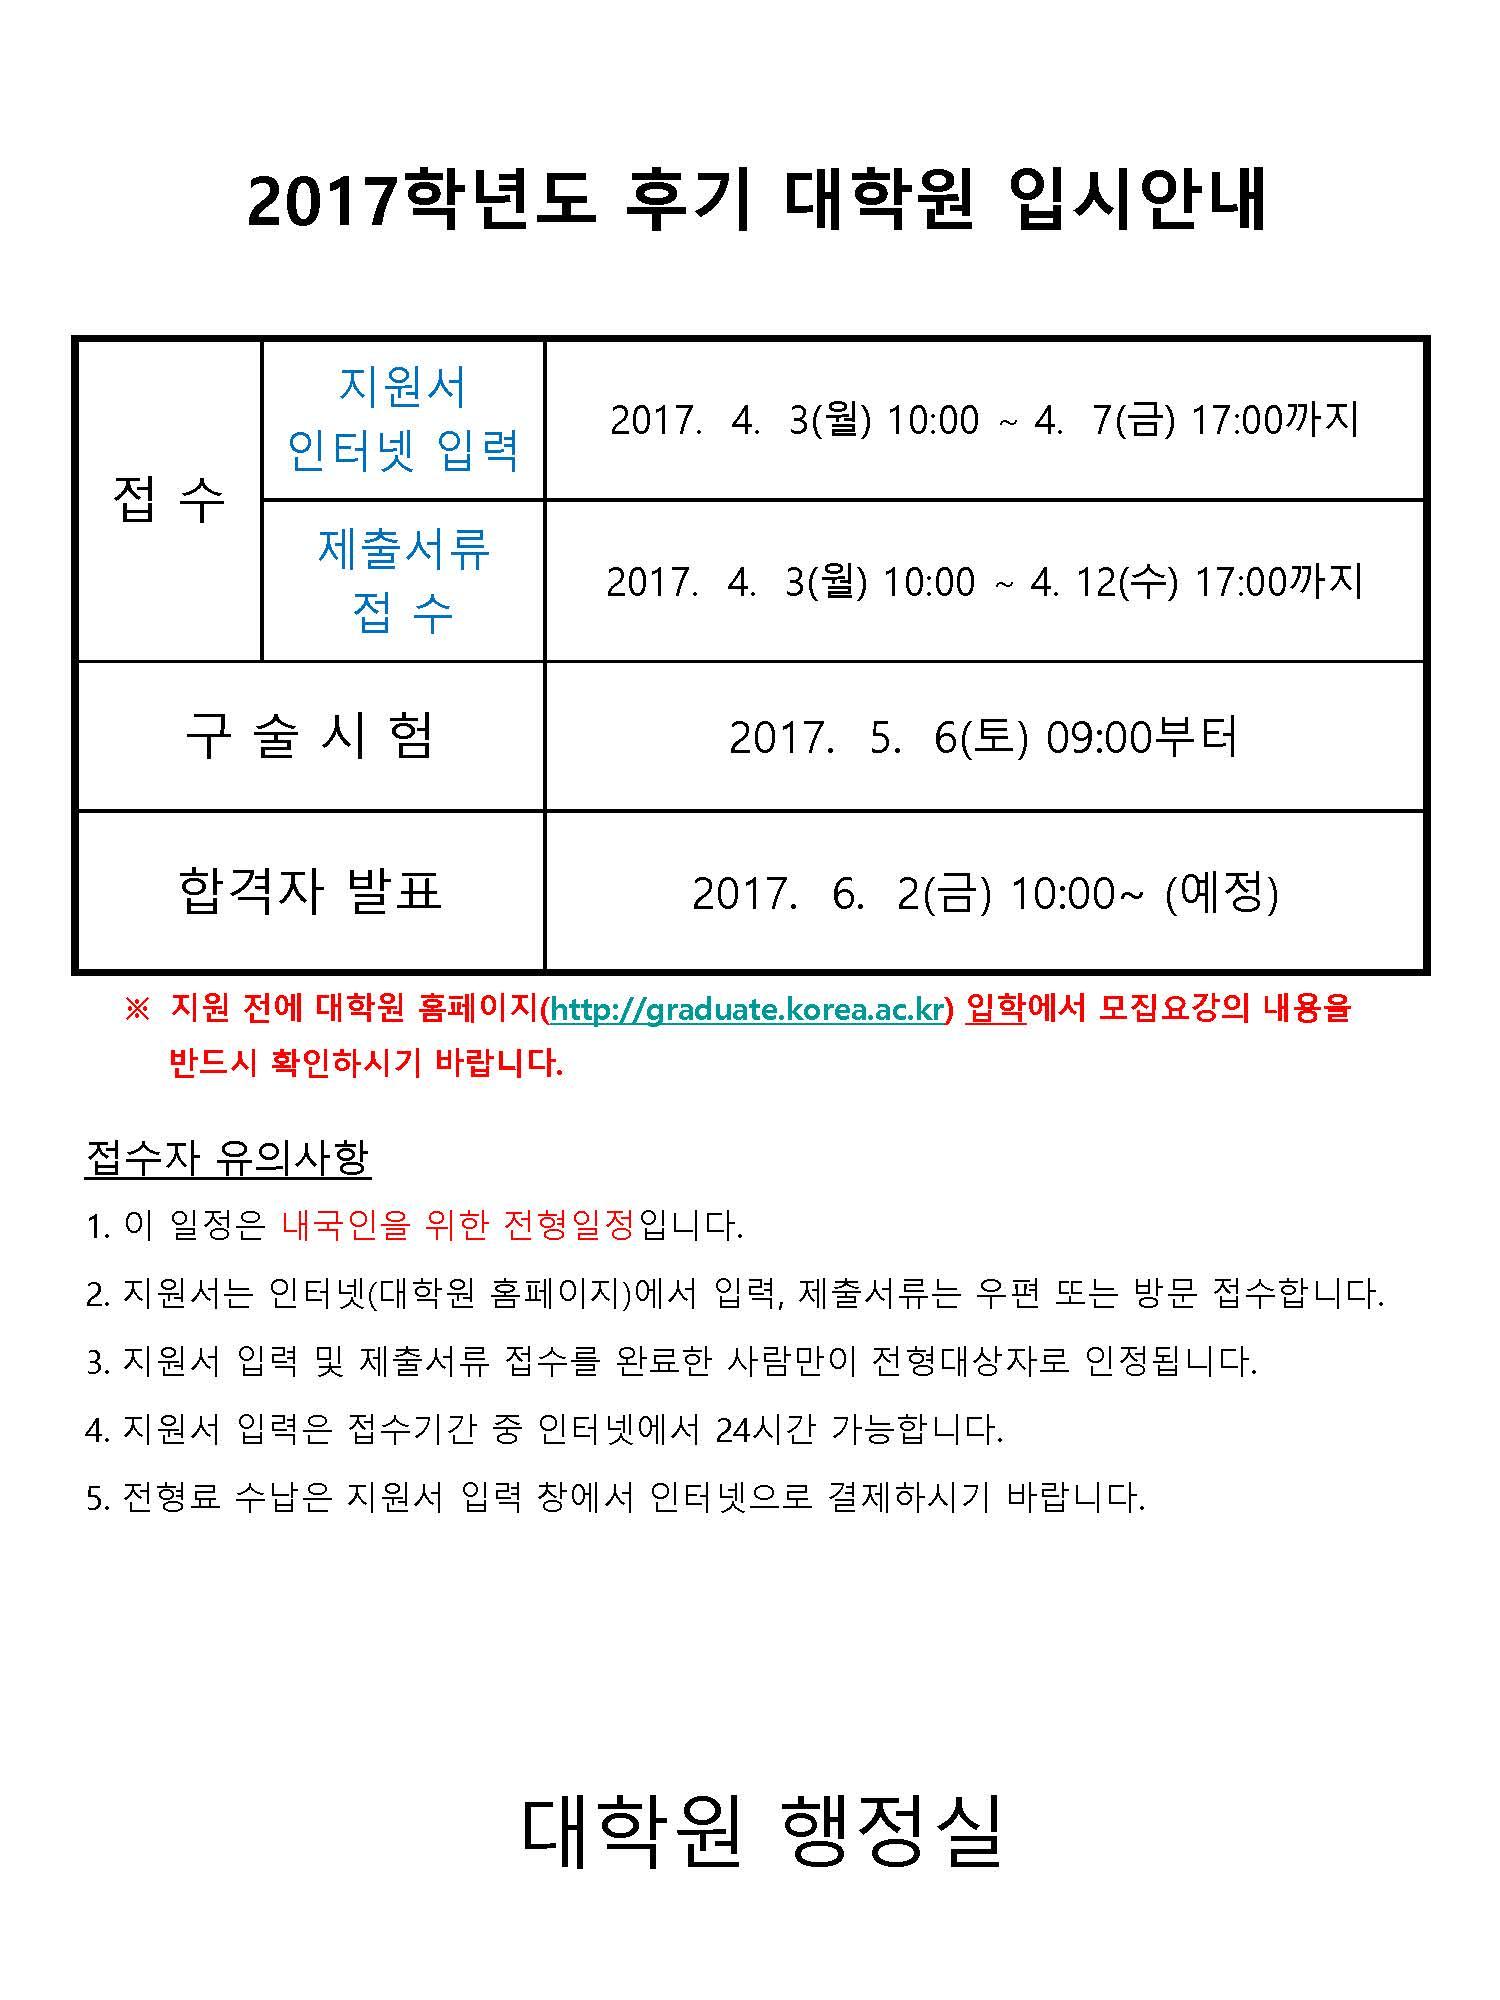 안내2. 2017학년도 후기 입학시험 안내문(대학 및 학과 게시용).jpg